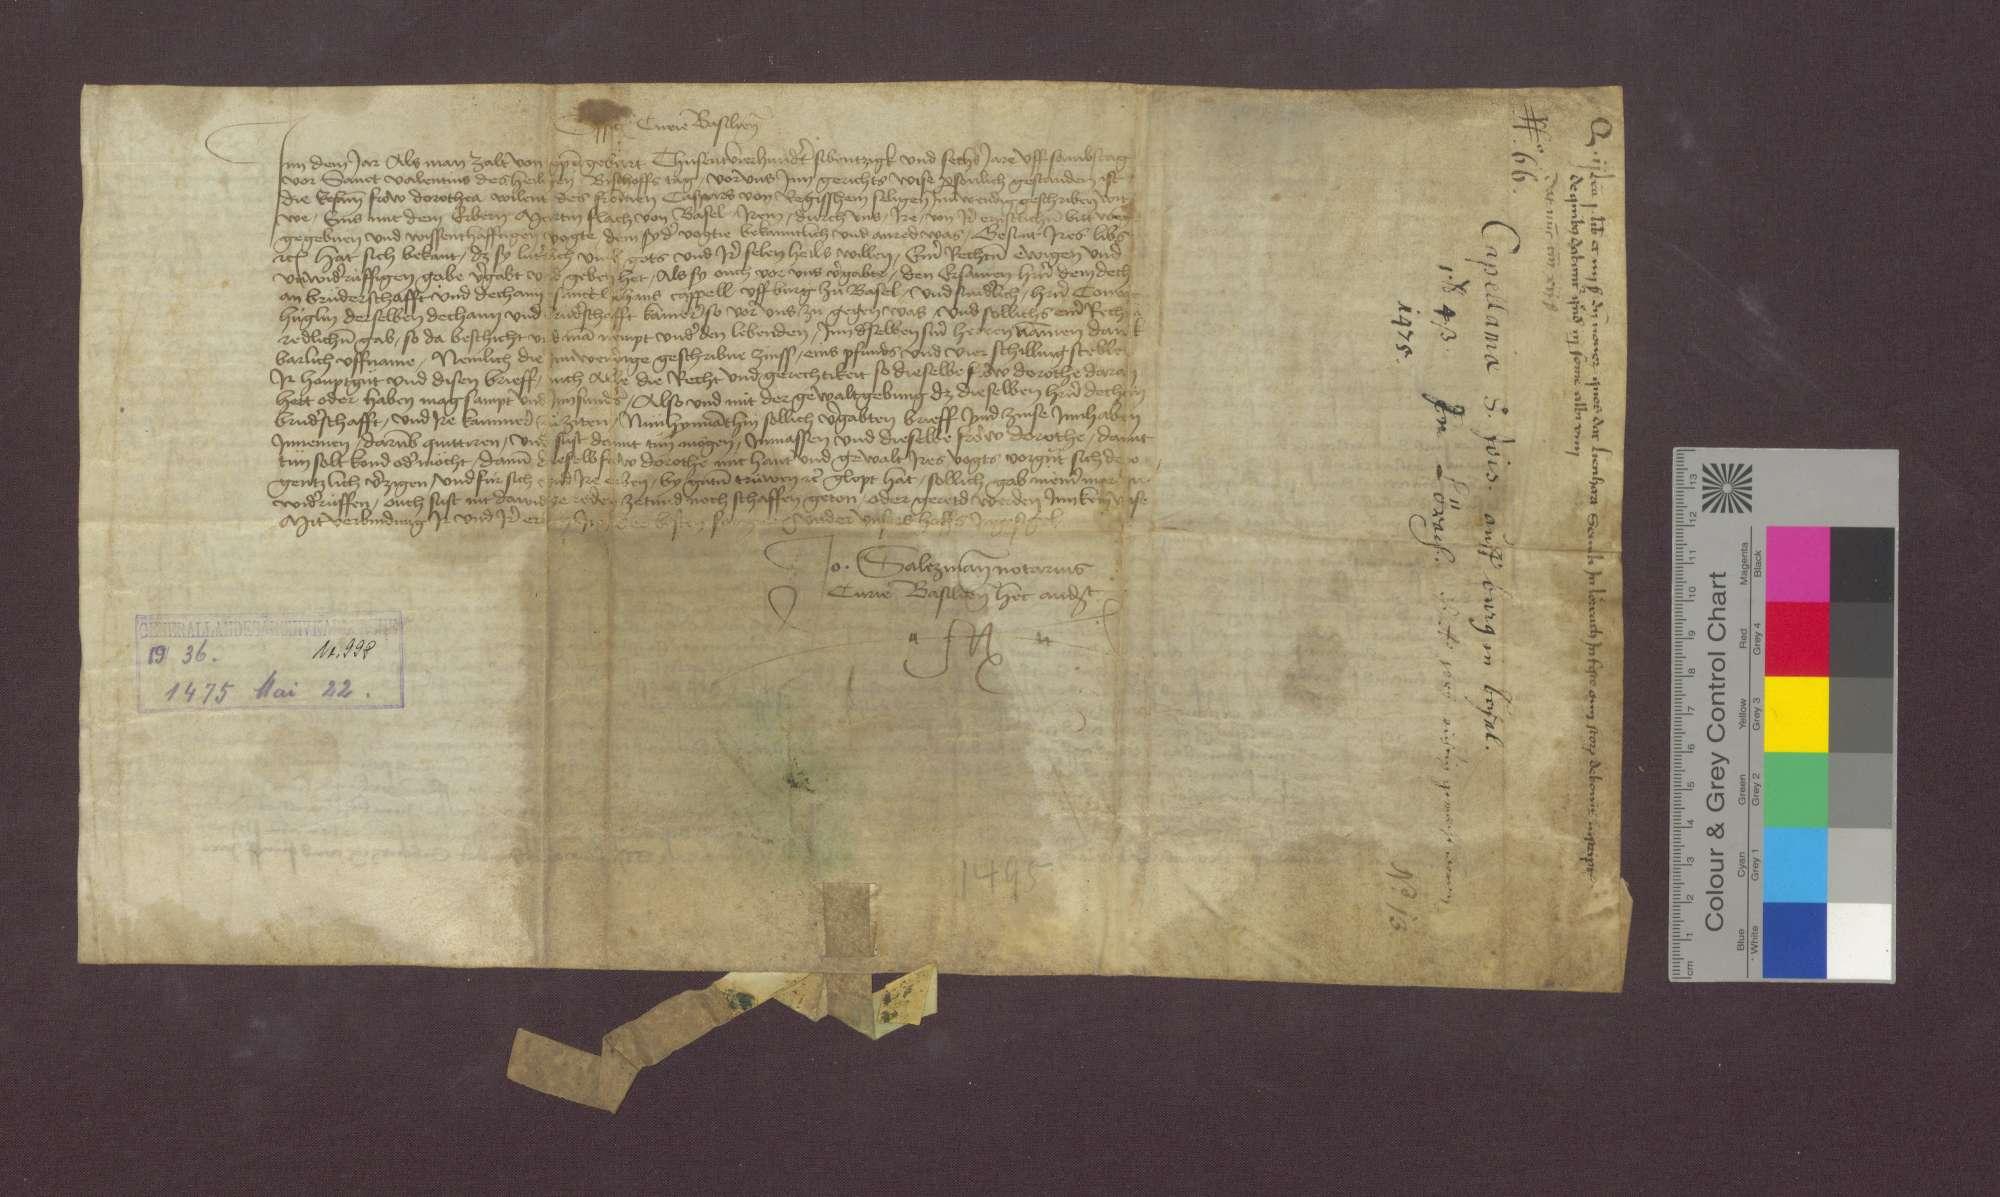 Gültverschreibung des Lienhart Senly von Lörrach gegenüber Dorothea von Regisheim., Bild 2